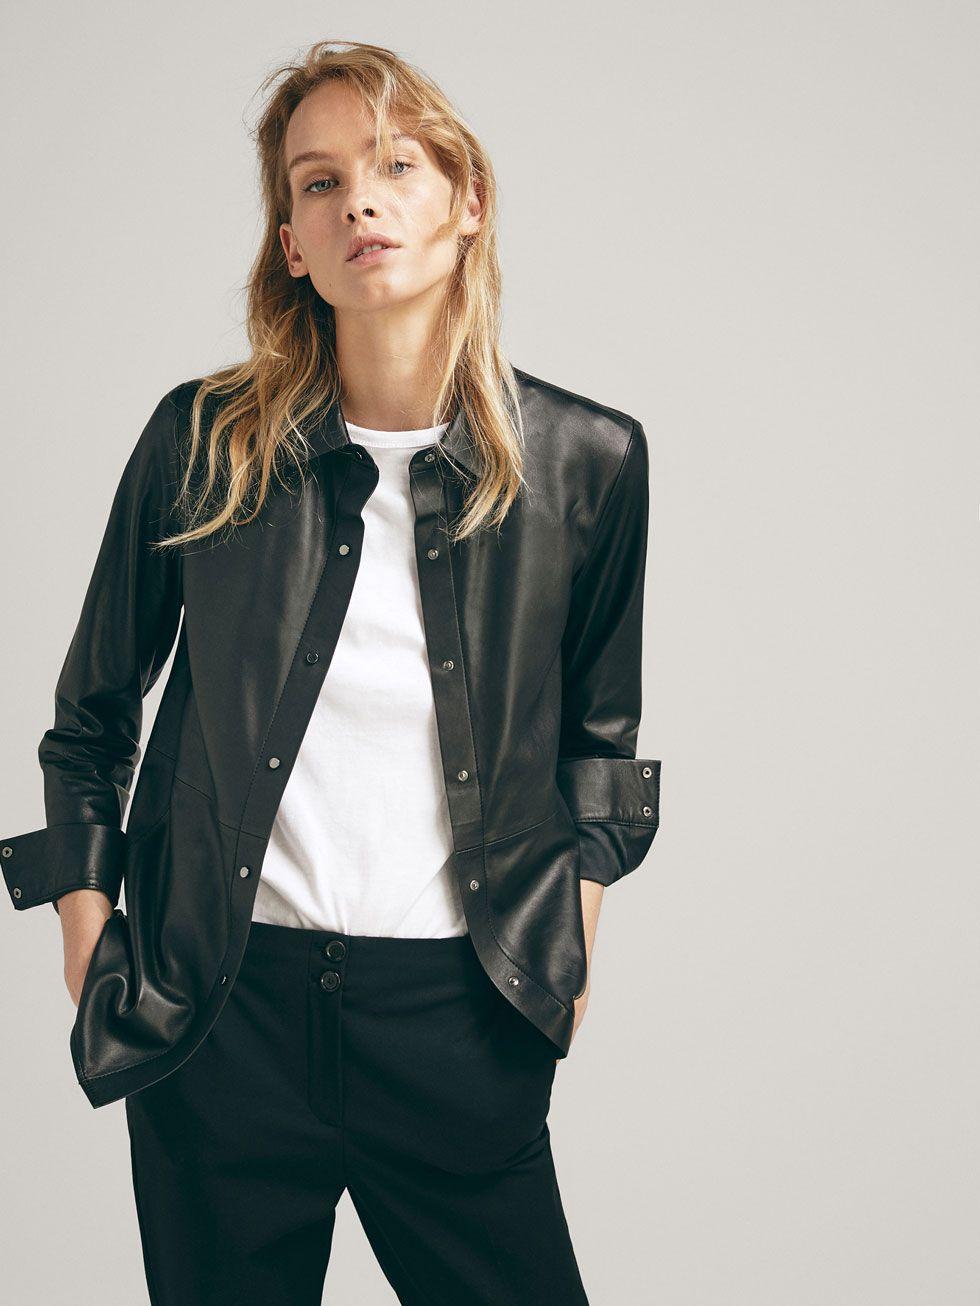 nueva colección zapatos casuales tienda CAMISA NAPA BOTONES - Mujer - Massimo Dutti España | Camisa de ...